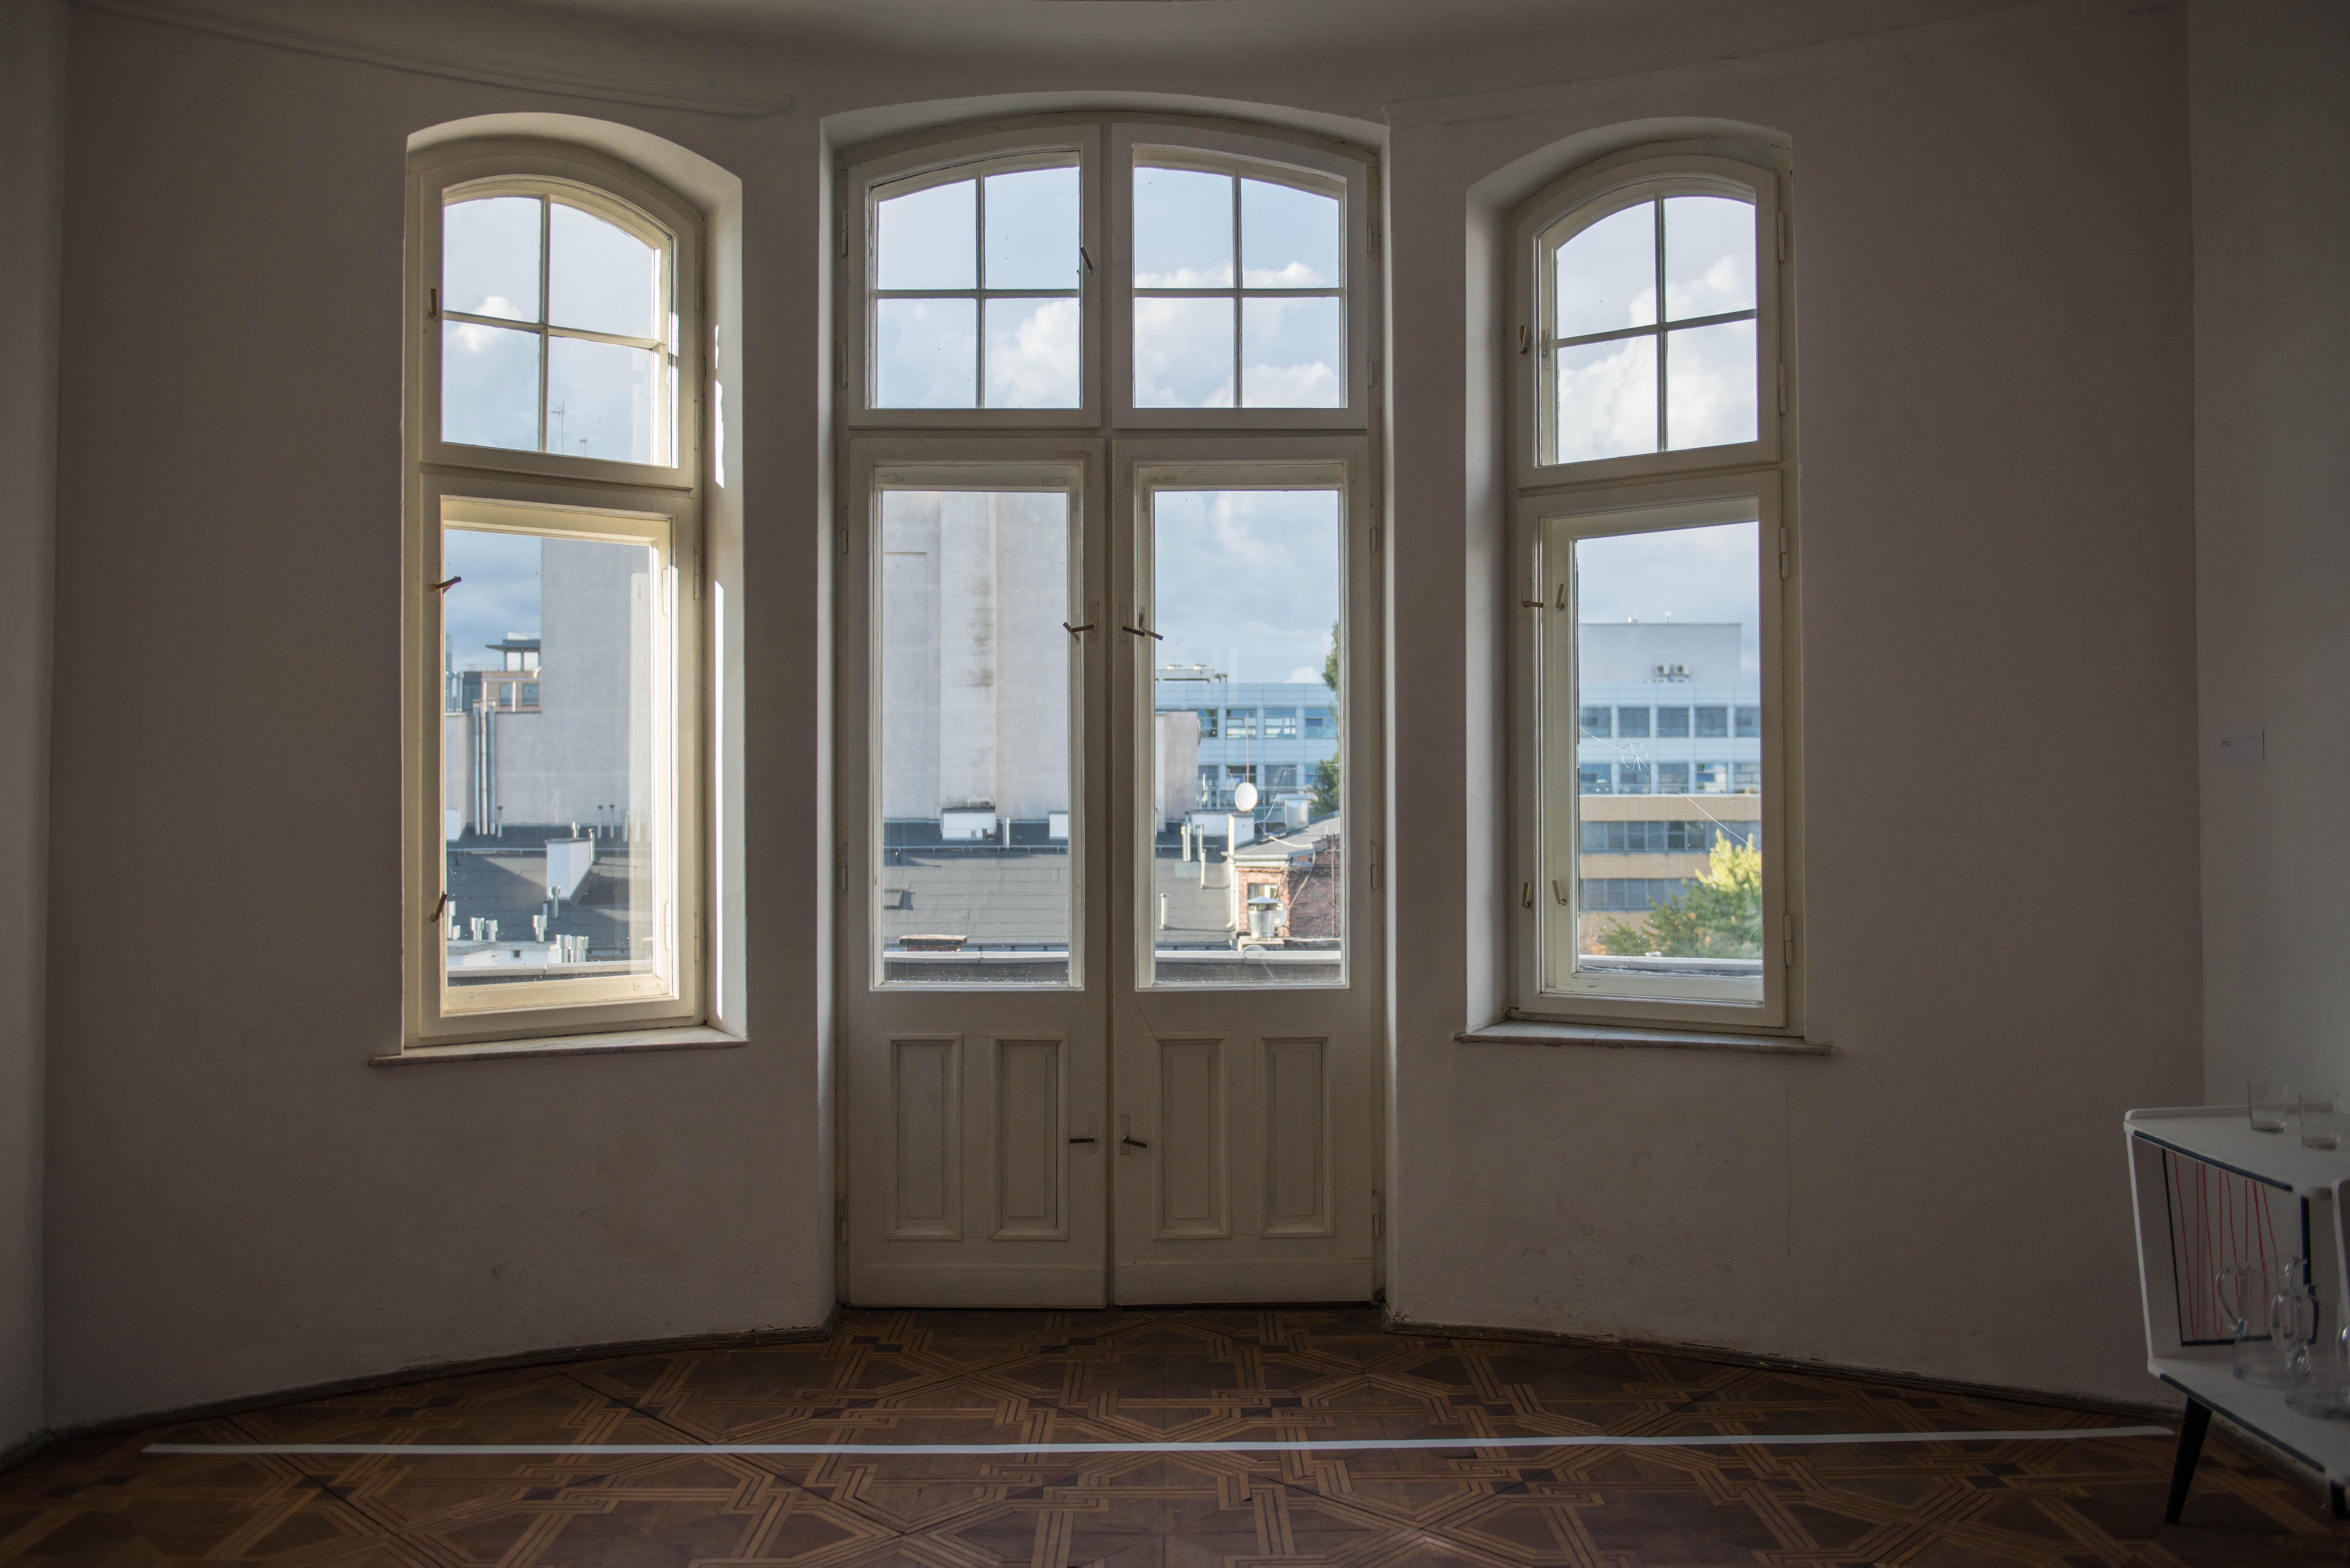 Chien-Ying Wu, Windows